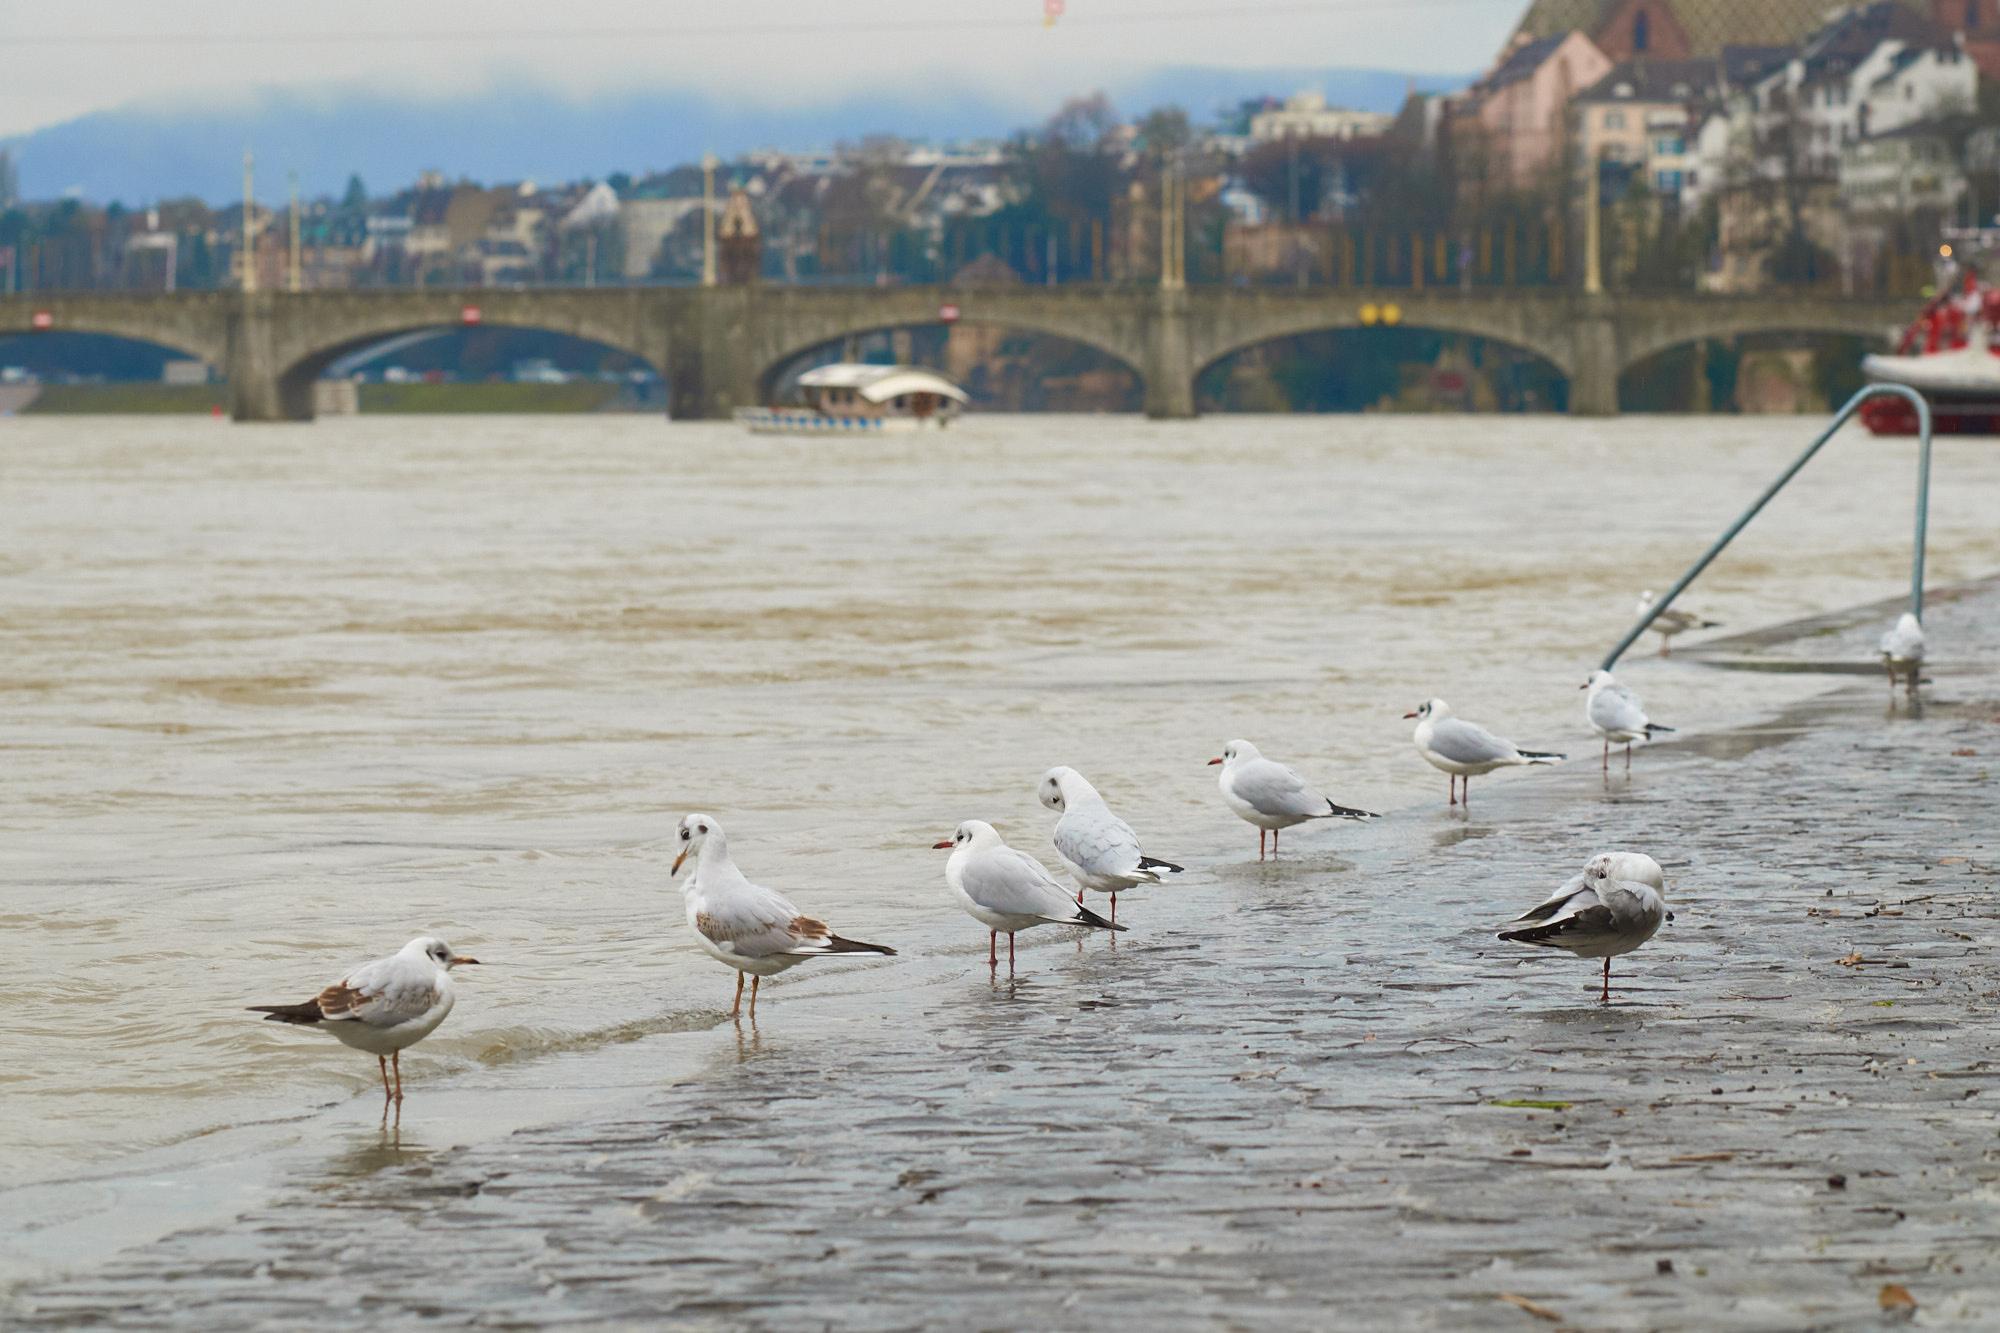 Der Rheinpegel in Basel steigt, was den Möwen so ziemlich egal ist.